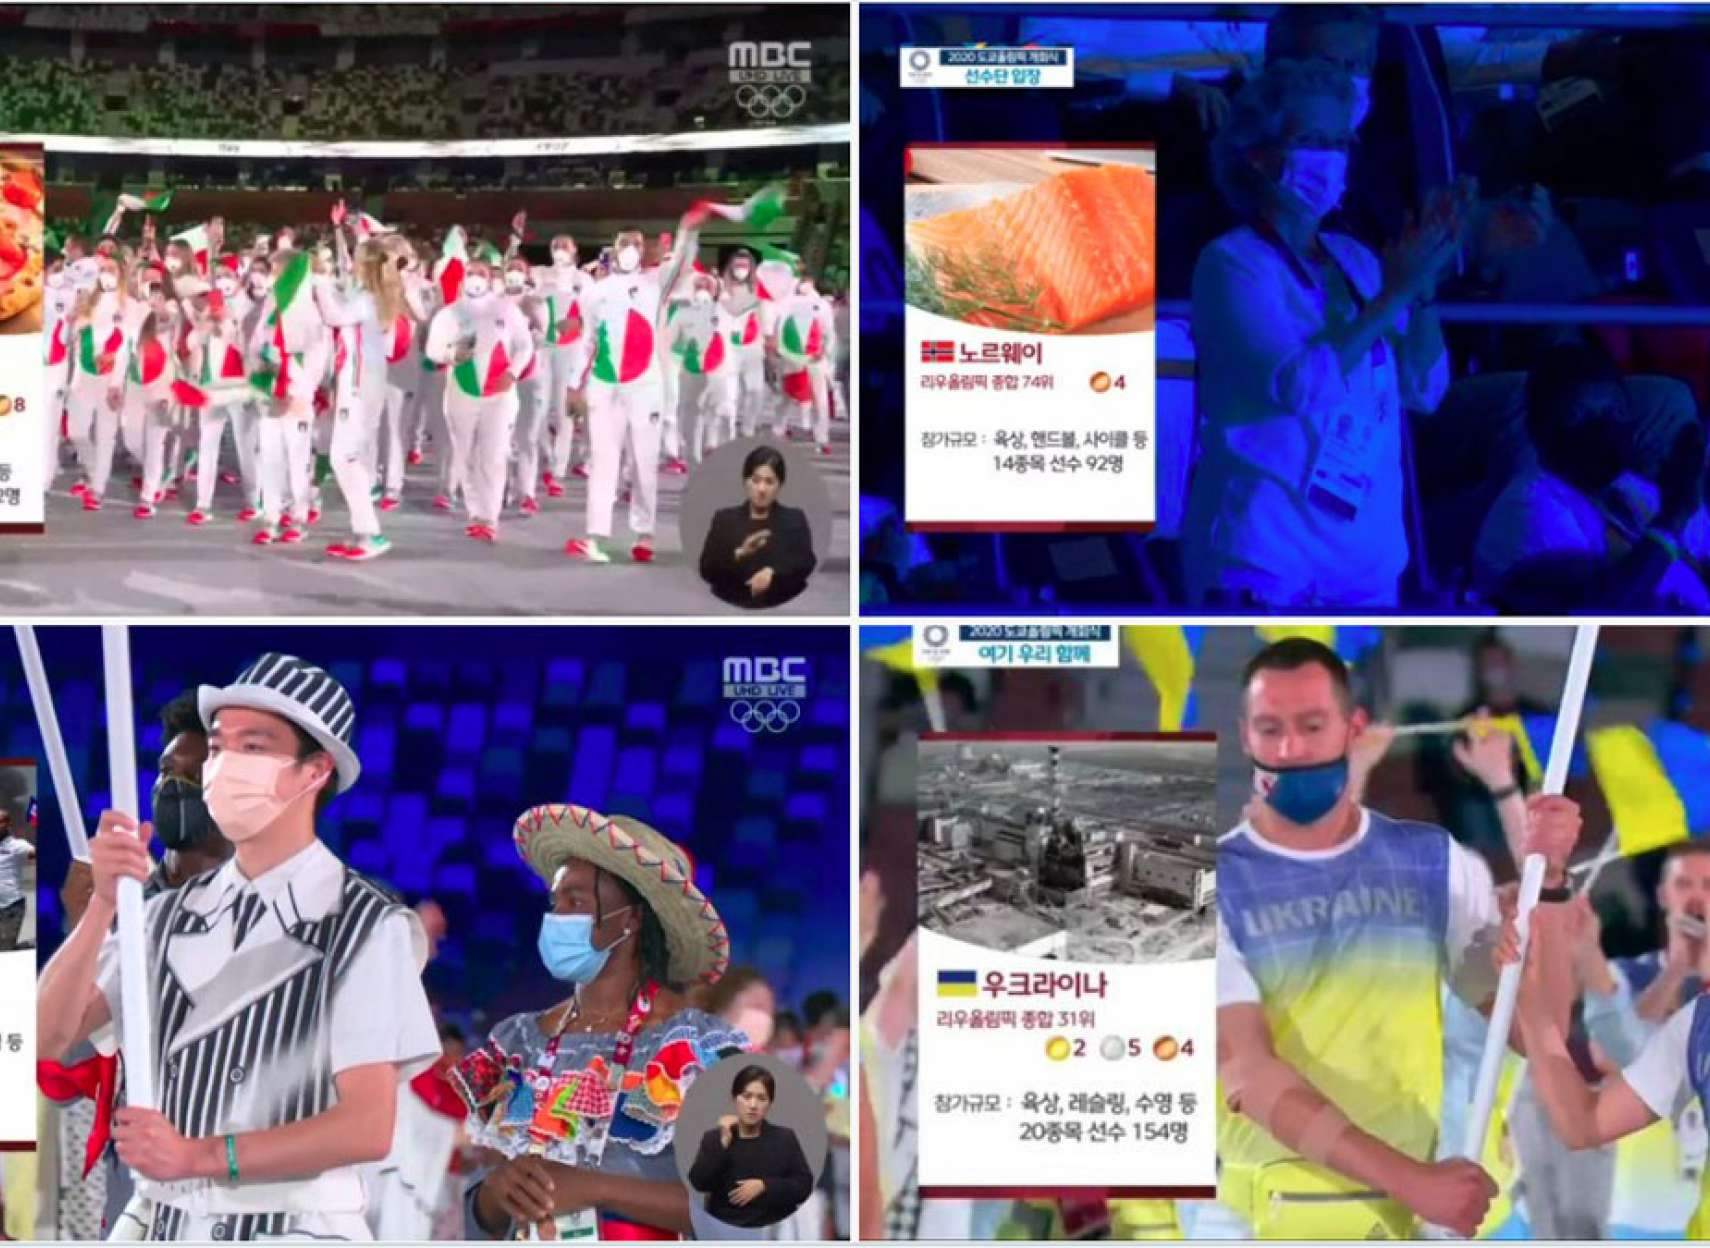 خبر-ورزشی-عجایب-المپیک-ژاپن-رژه-ترور-رئیس-جمهور-بیت-کوین-پذیرش-۳-ورزشکار-پناهنده-کالج